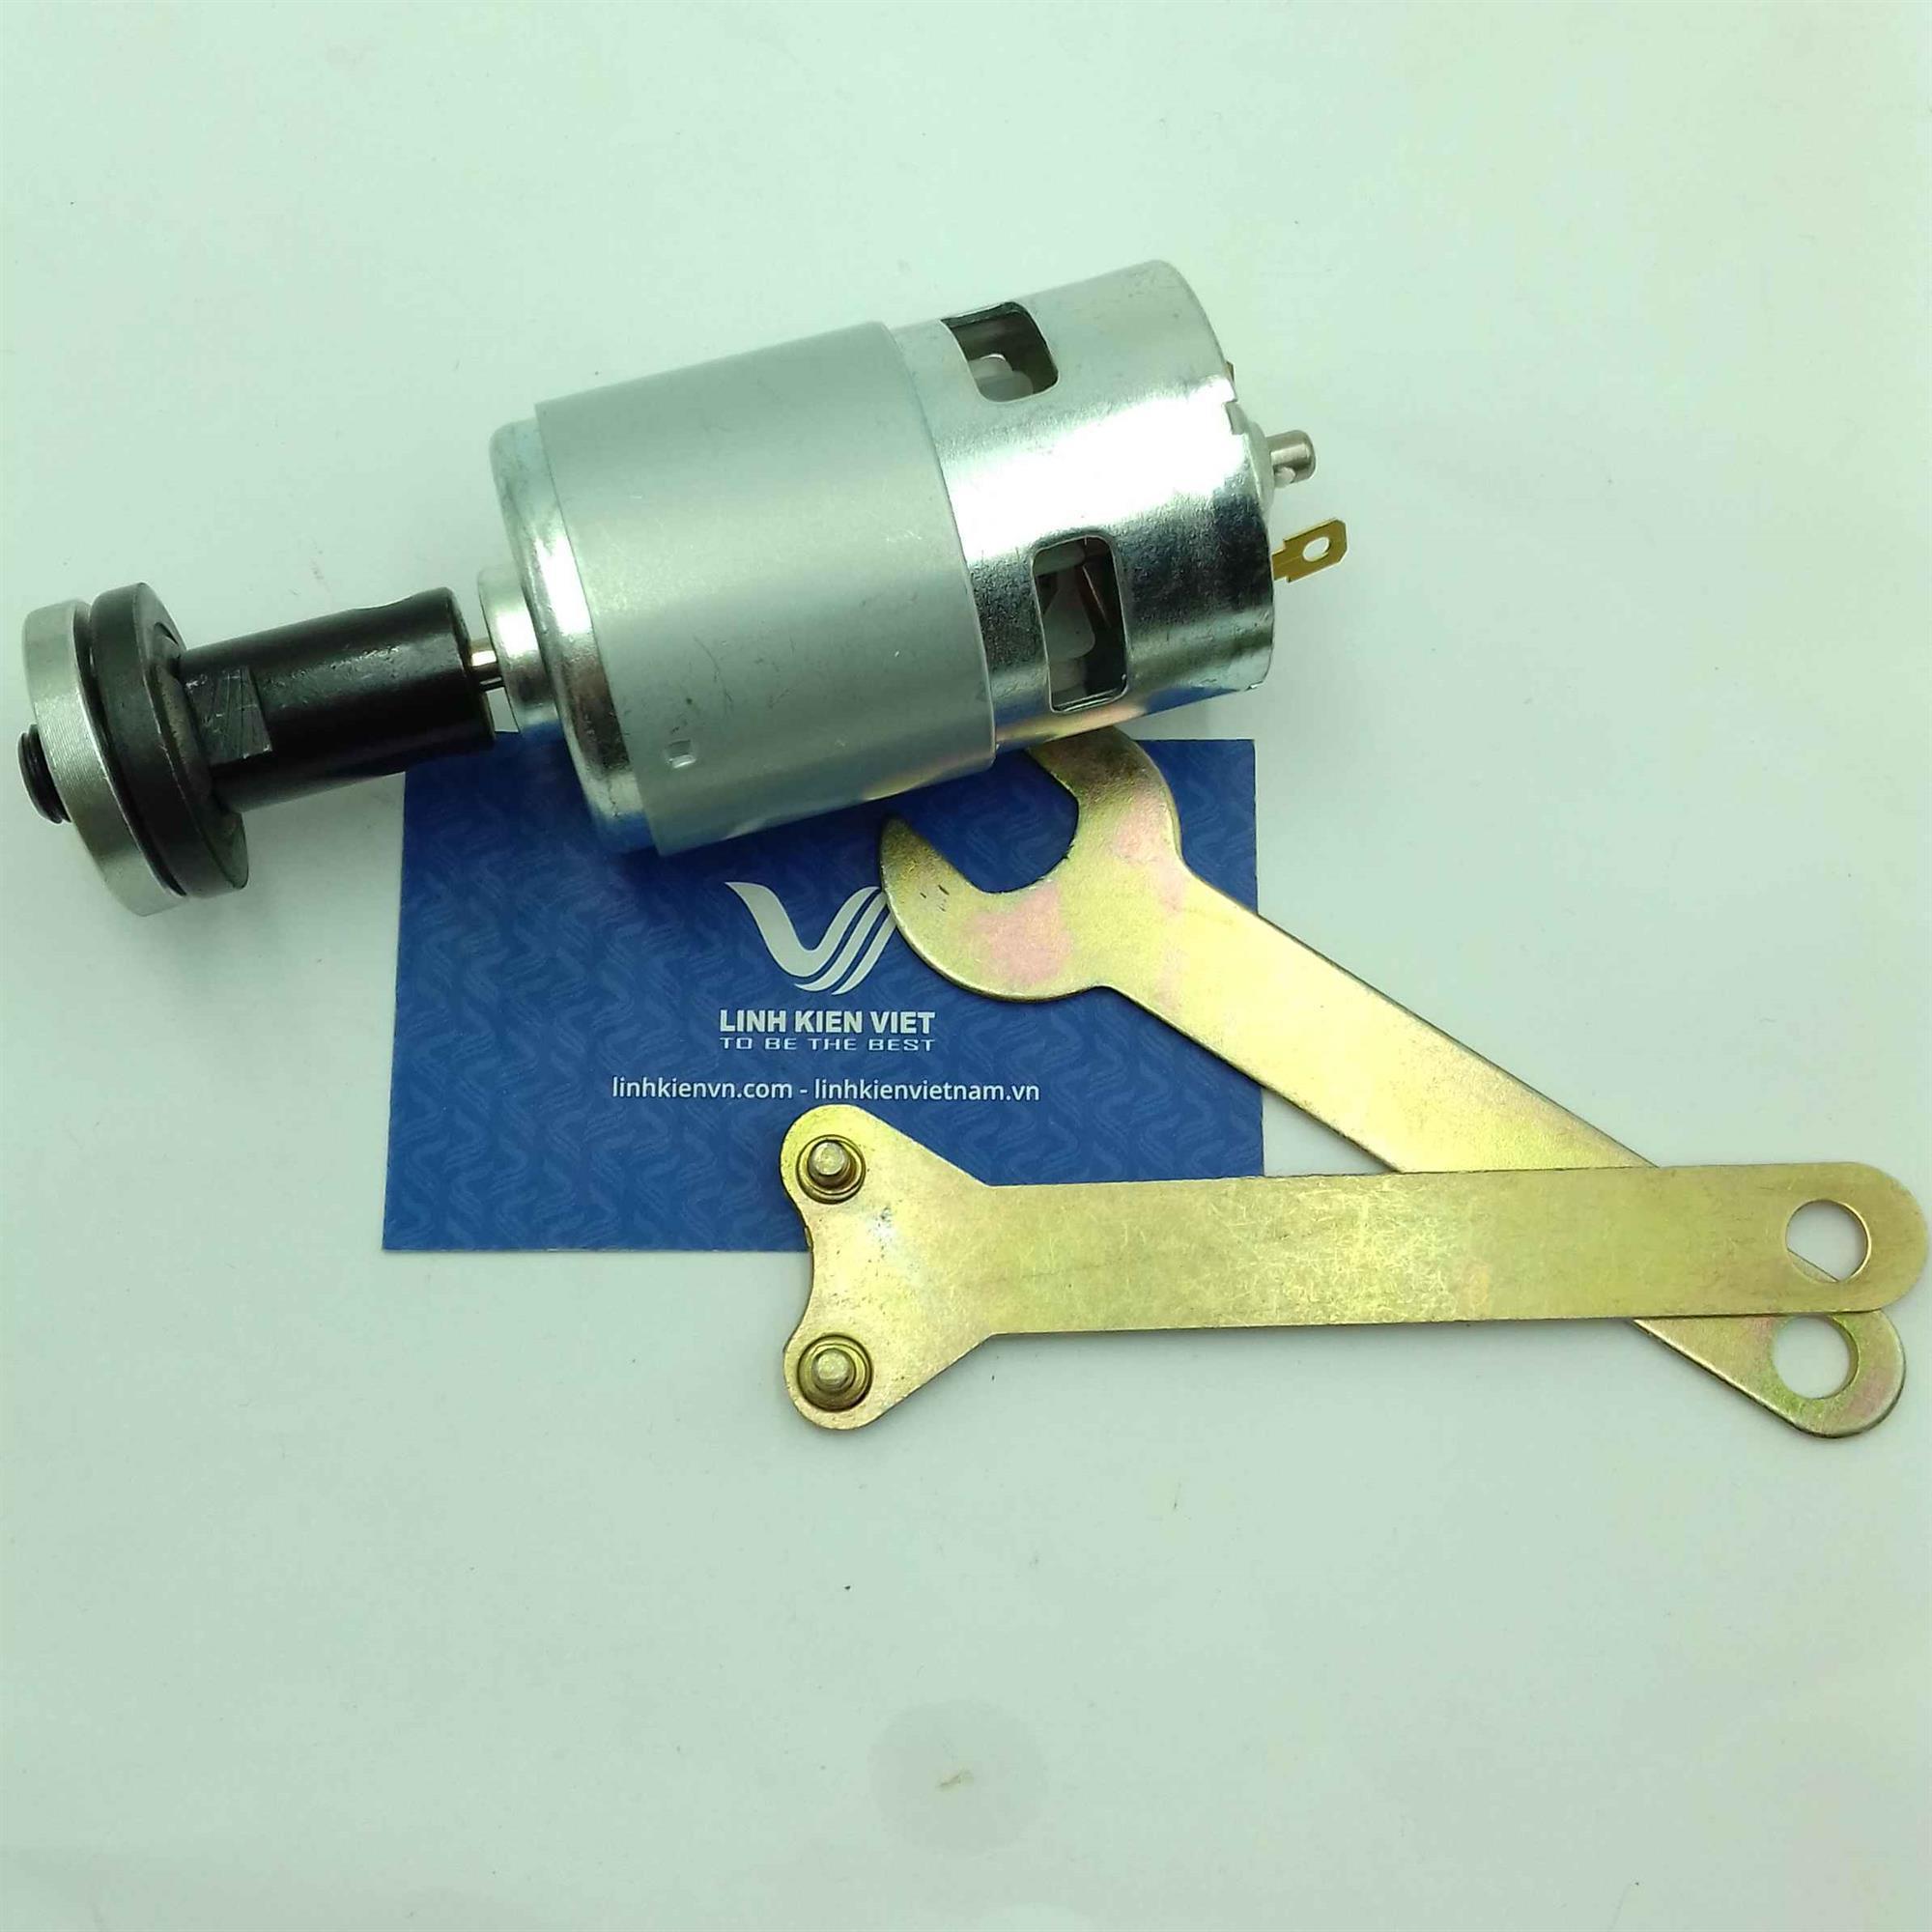 Bộ máy cắt động cơ 775 full / Bộ máy cắt motor 775 - i5H19 + i5H20